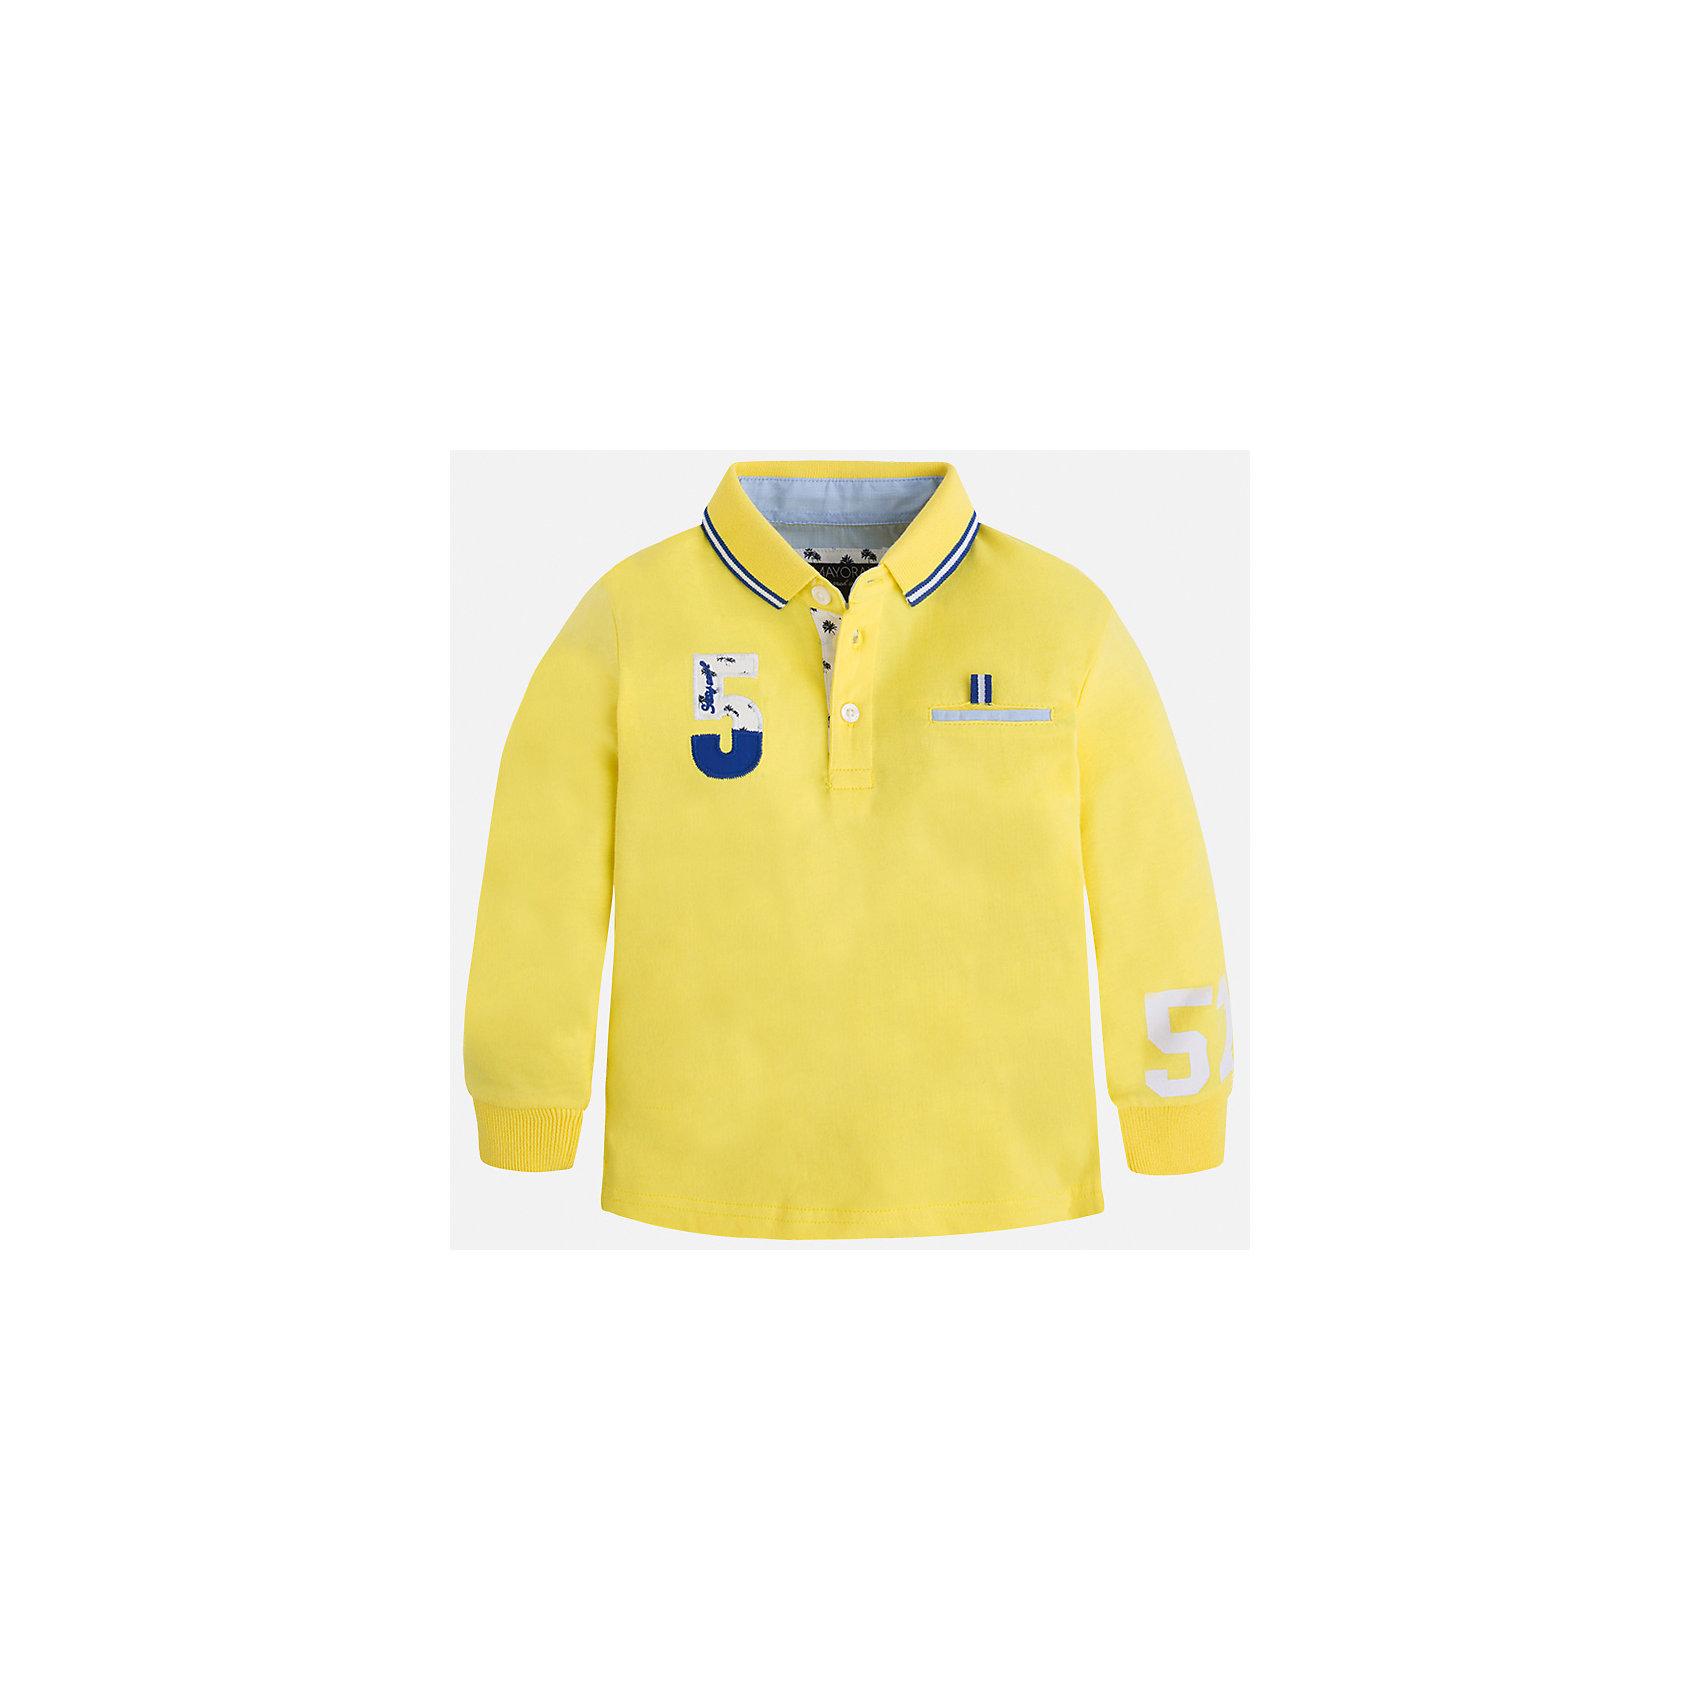 Футболка-поло с длинным рукавом для мальчика MayoralФутболки с длинным рукавом<br>Характеристики товара:<br><br>• цвет: желтый<br>• состав: 100% хлопок<br>• отложной воротник<br>• длинные рукава<br>• застежка: пуговицы<br>• декорирована принтом<br>• страна бренда: Испания<br><br>Стильная рубашка-поло для мальчика может стать базовой вещью в гардеробе ребенка. Она отлично сочетается с брюками, шортами, джинсами и т.д. Универсальный крой и цвет позволяет подобрать к вещи низ разных расцветок. Практичное и стильное изделие! В составе материала - только натуральный хлопок, гипоаллергенный, приятный на ощупь, дышащий.<br><br>Одежда, обувь и аксессуары от испанского бренда Mayoral полюбились детям и взрослым по всему миру. Модели этой марки - стильные и удобные. Для их производства используются только безопасные, качественные материалы и фурнитура. Порадуйте ребенка модными и красивыми вещами от Mayoral! <br><br>Рубашку-поло для мальчика от испанского бренда Mayoral (Майорал) можно купить в нашем интернет-магазине.<br><br>Ширина мм: 230<br>Глубина мм: 40<br>Высота мм: 220<br>Вес г: 250<br>Цвет: желтый<br>Возраст от месяцев: 84<br>Возраст до месяцев: 96<br>Пол: Мужской<br>Возраст: Детский<br>Размер: 128,134,122,116,110,98,92,104<br>SKU: 5272180